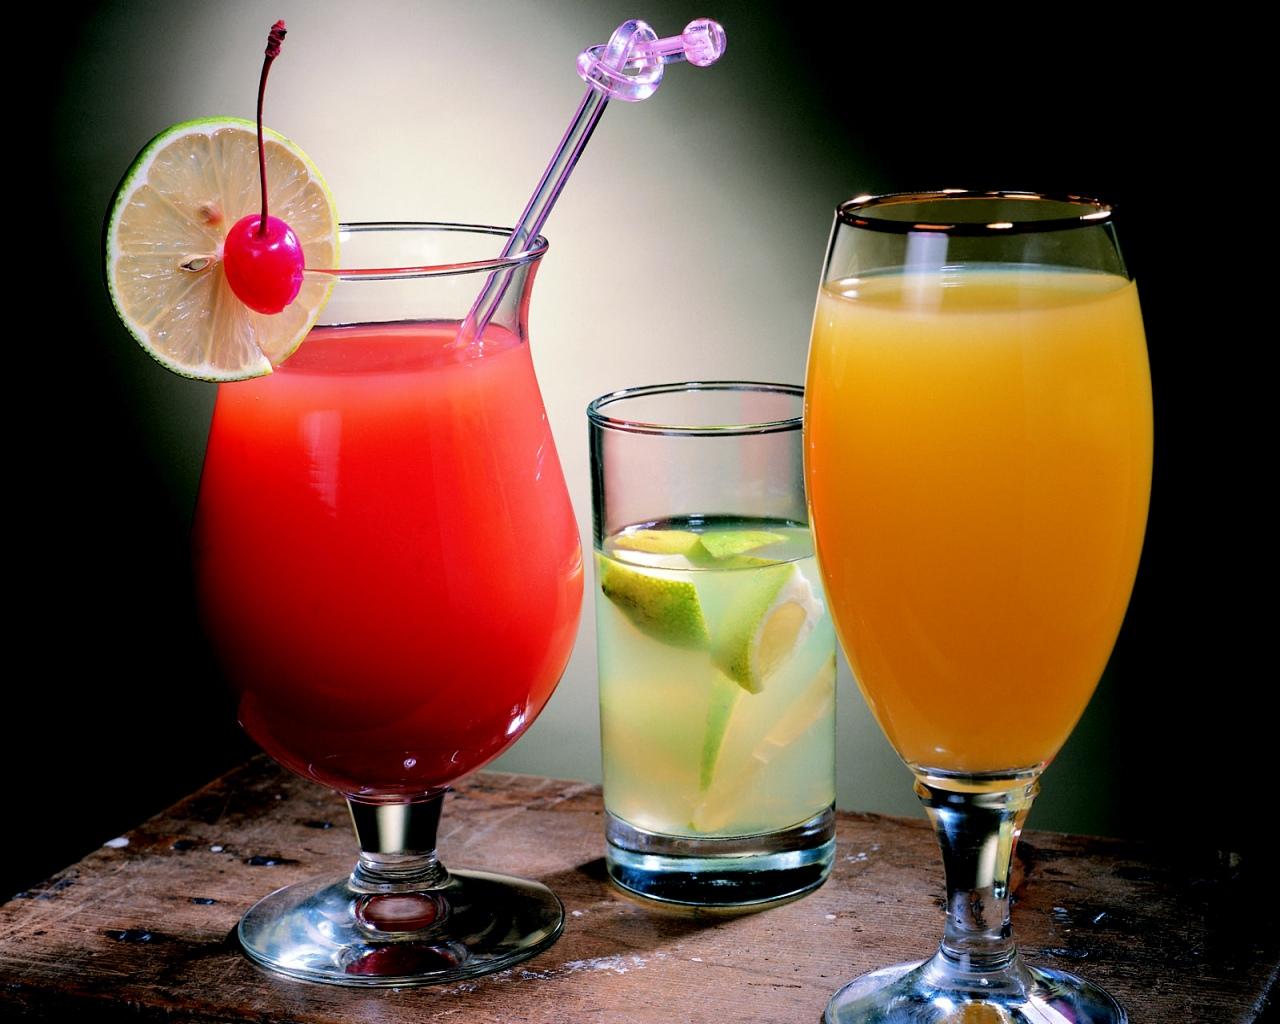 рецепты алкогольных коктейлей в домашних условиях фото